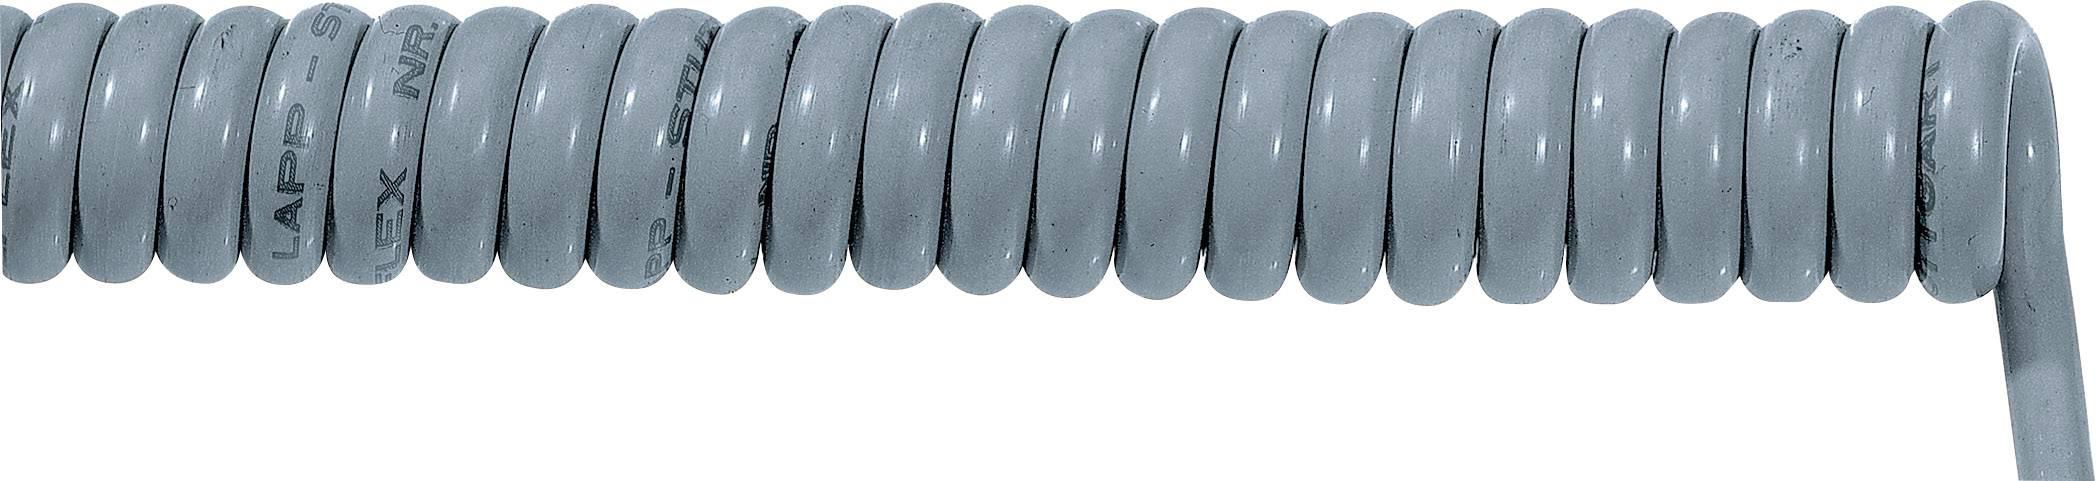 Špirálový kábel 70002637 ÖLFLEX® SPIRAL 400 P 4 x 0.75 mm², 2000 mm / 6000 mm, sivá